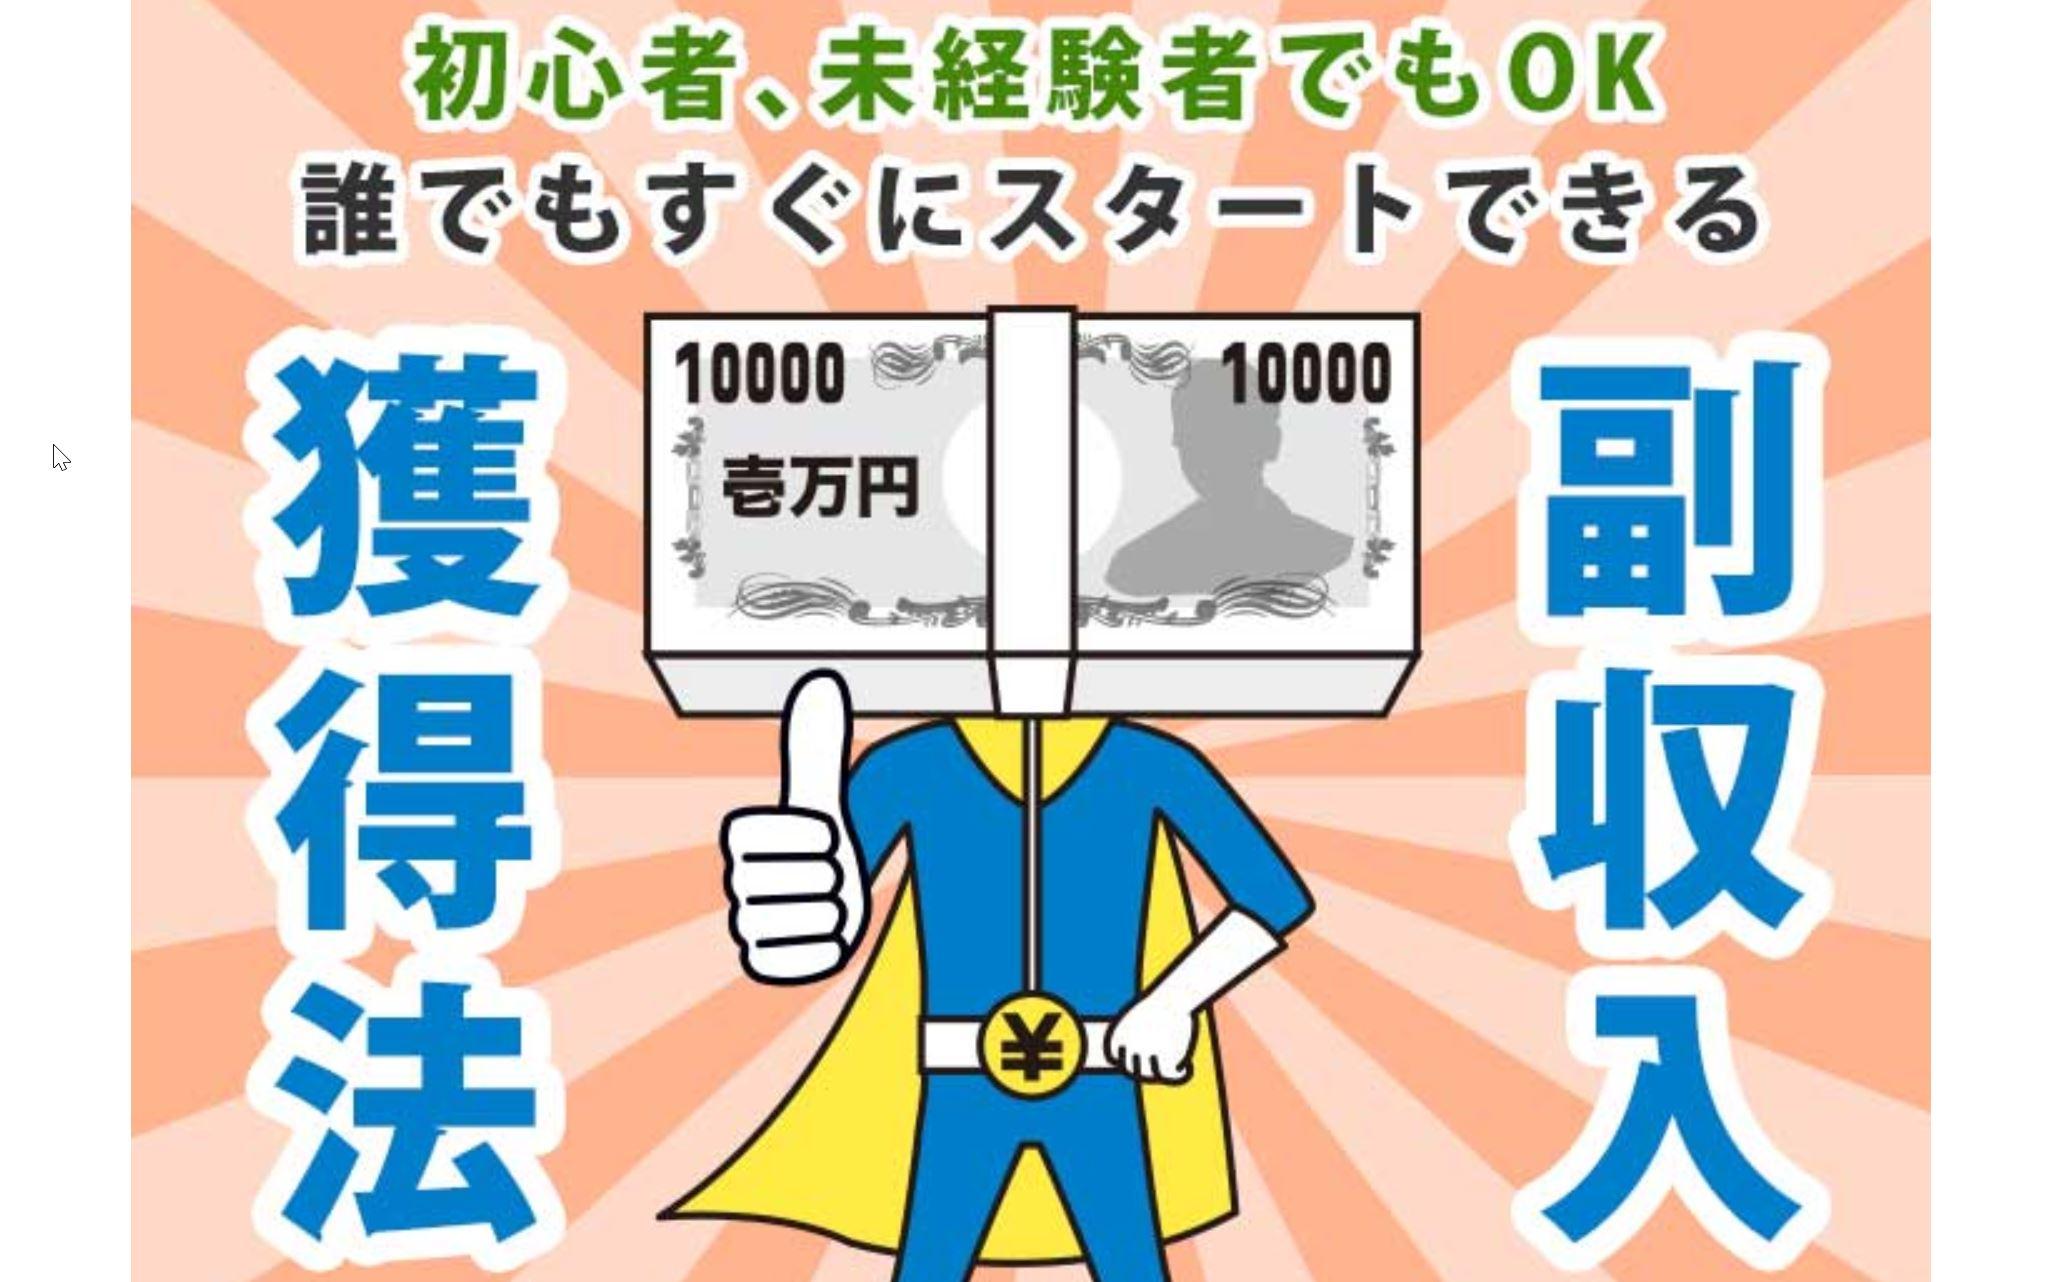 副収入獲得法 -Truth- 1日5分の作業で毎月1-200万円稼げる?副業調査